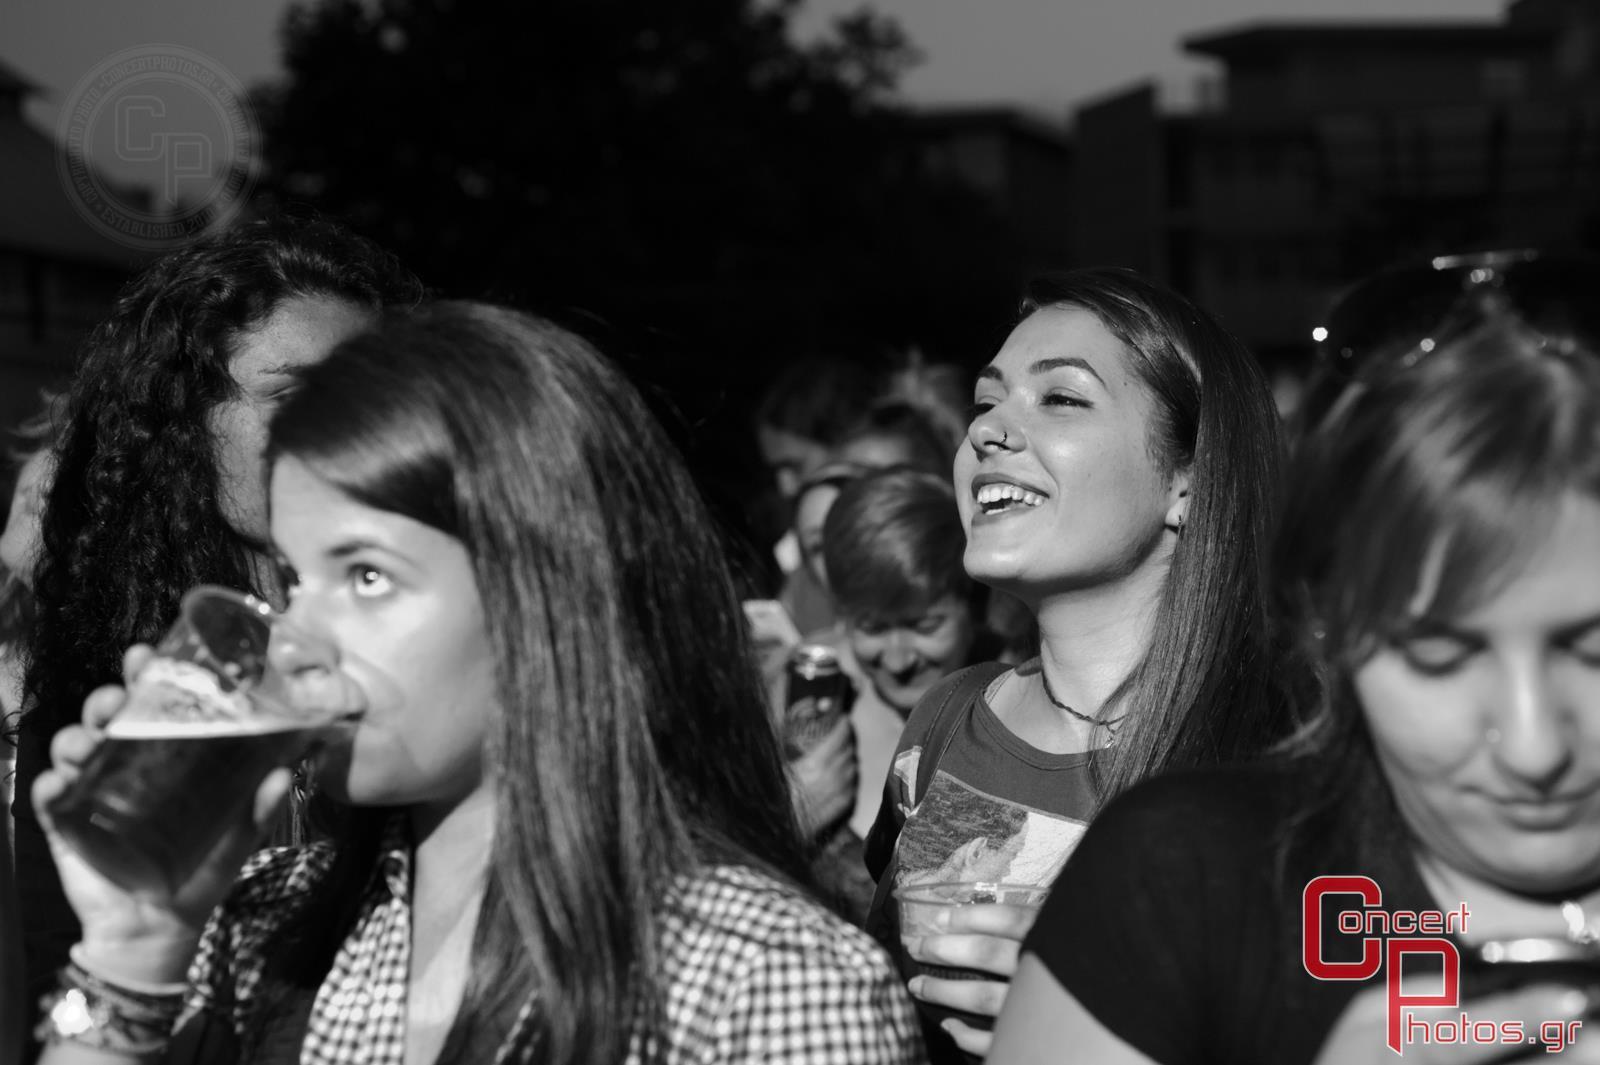 Μία συναυλία για τη Σχεδία 2014-Sxedia 2014 photographer:  - concertphotos_20140526_20_57_18